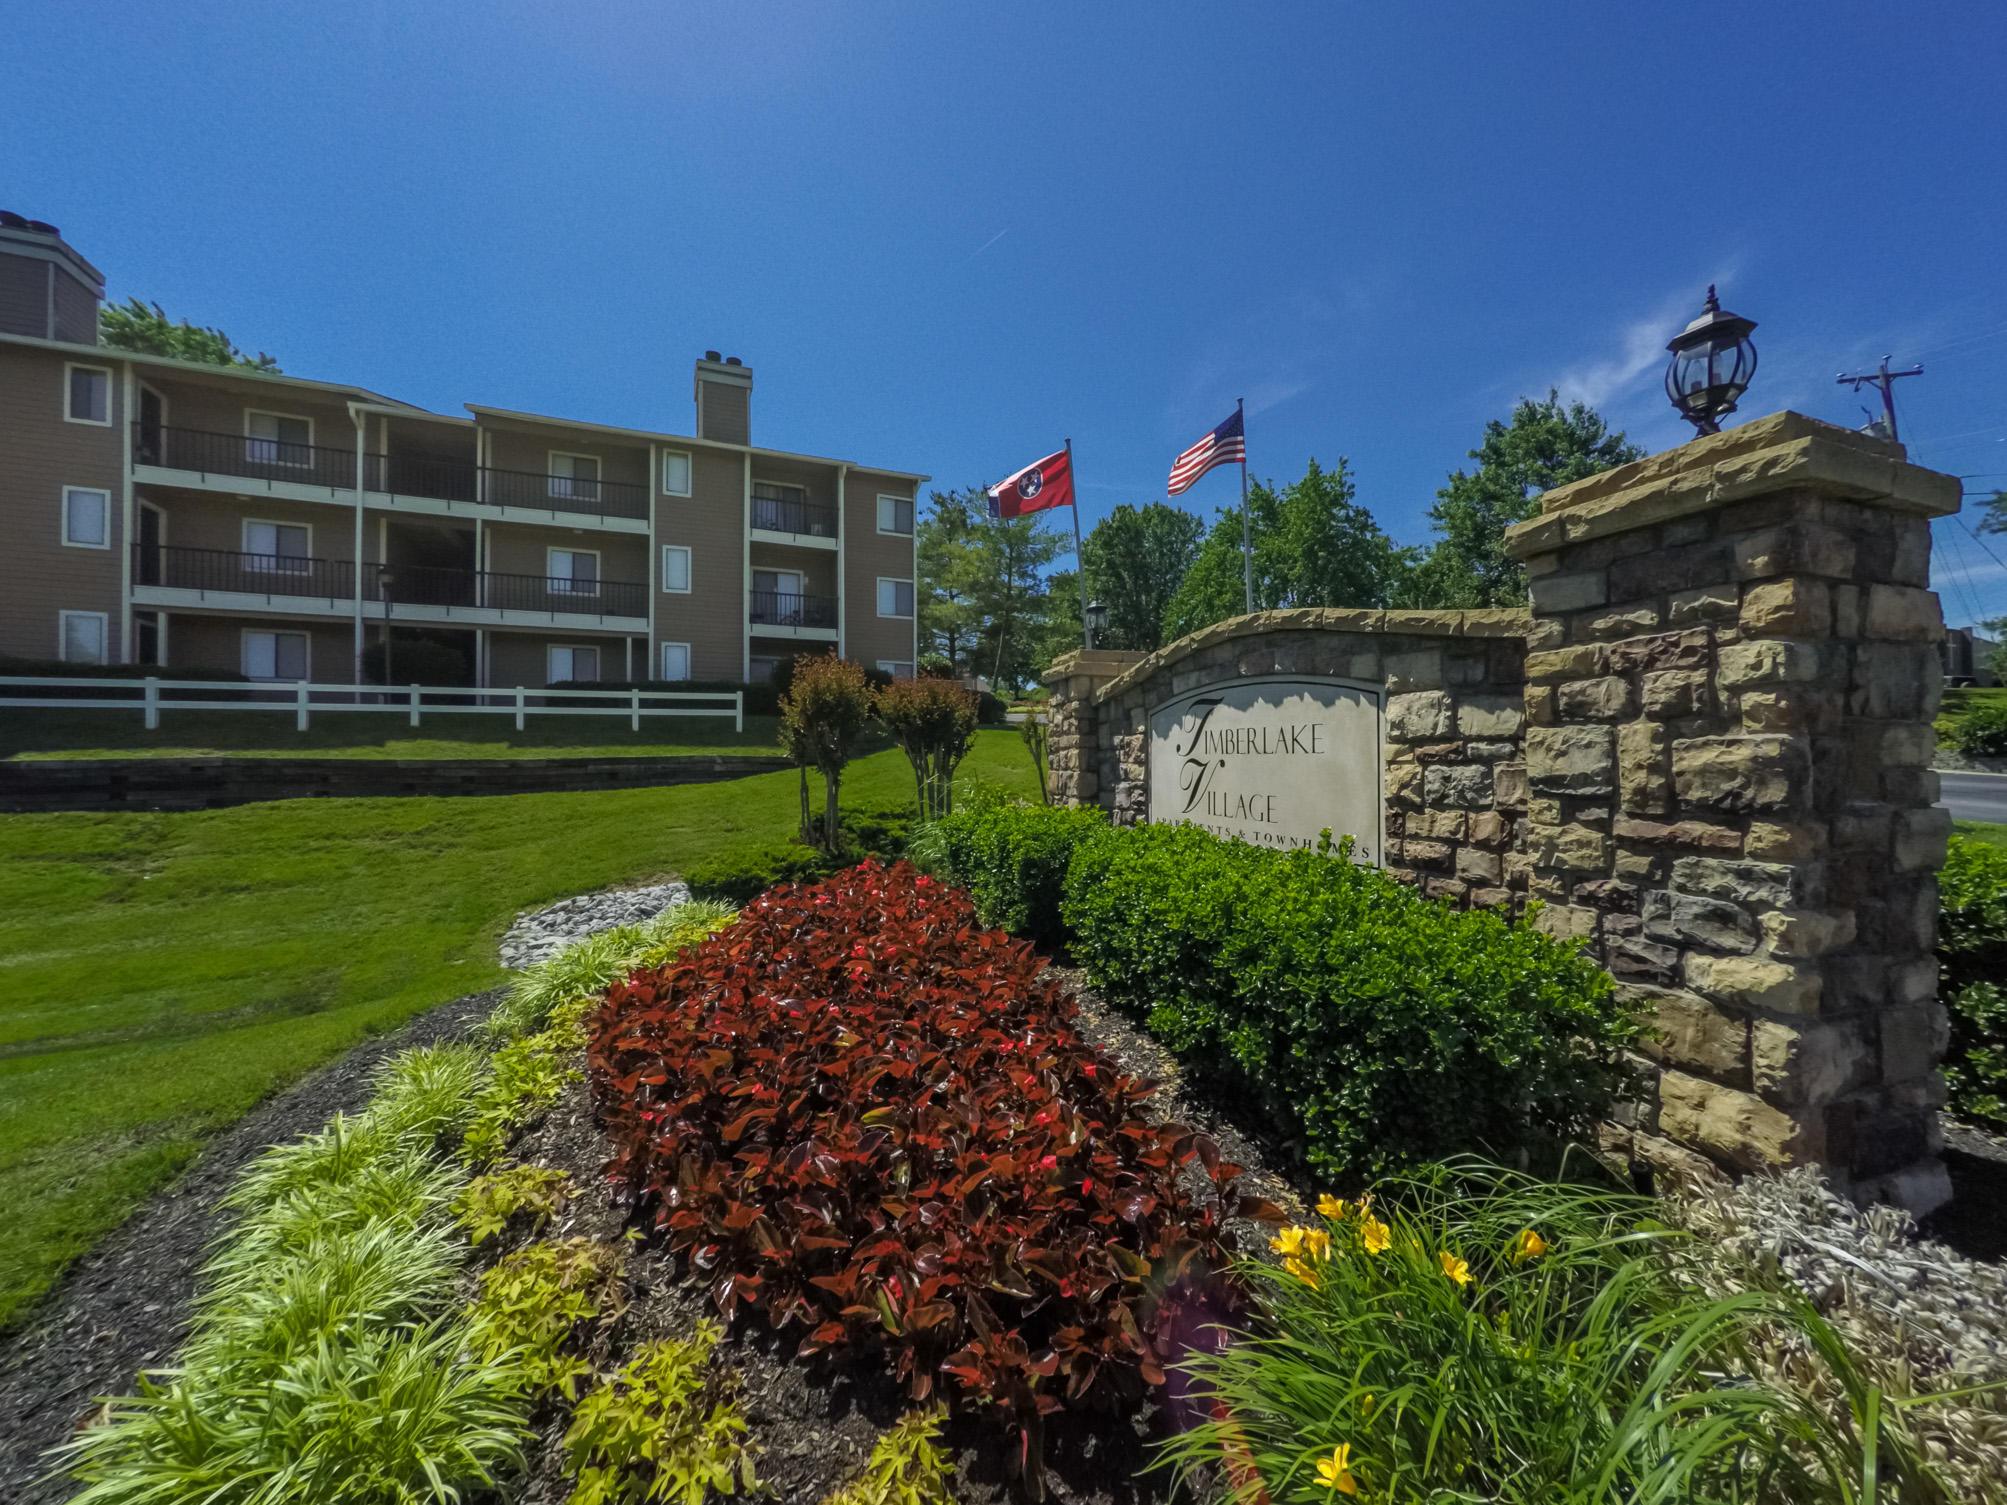 Timberlake Village Apartments image 0